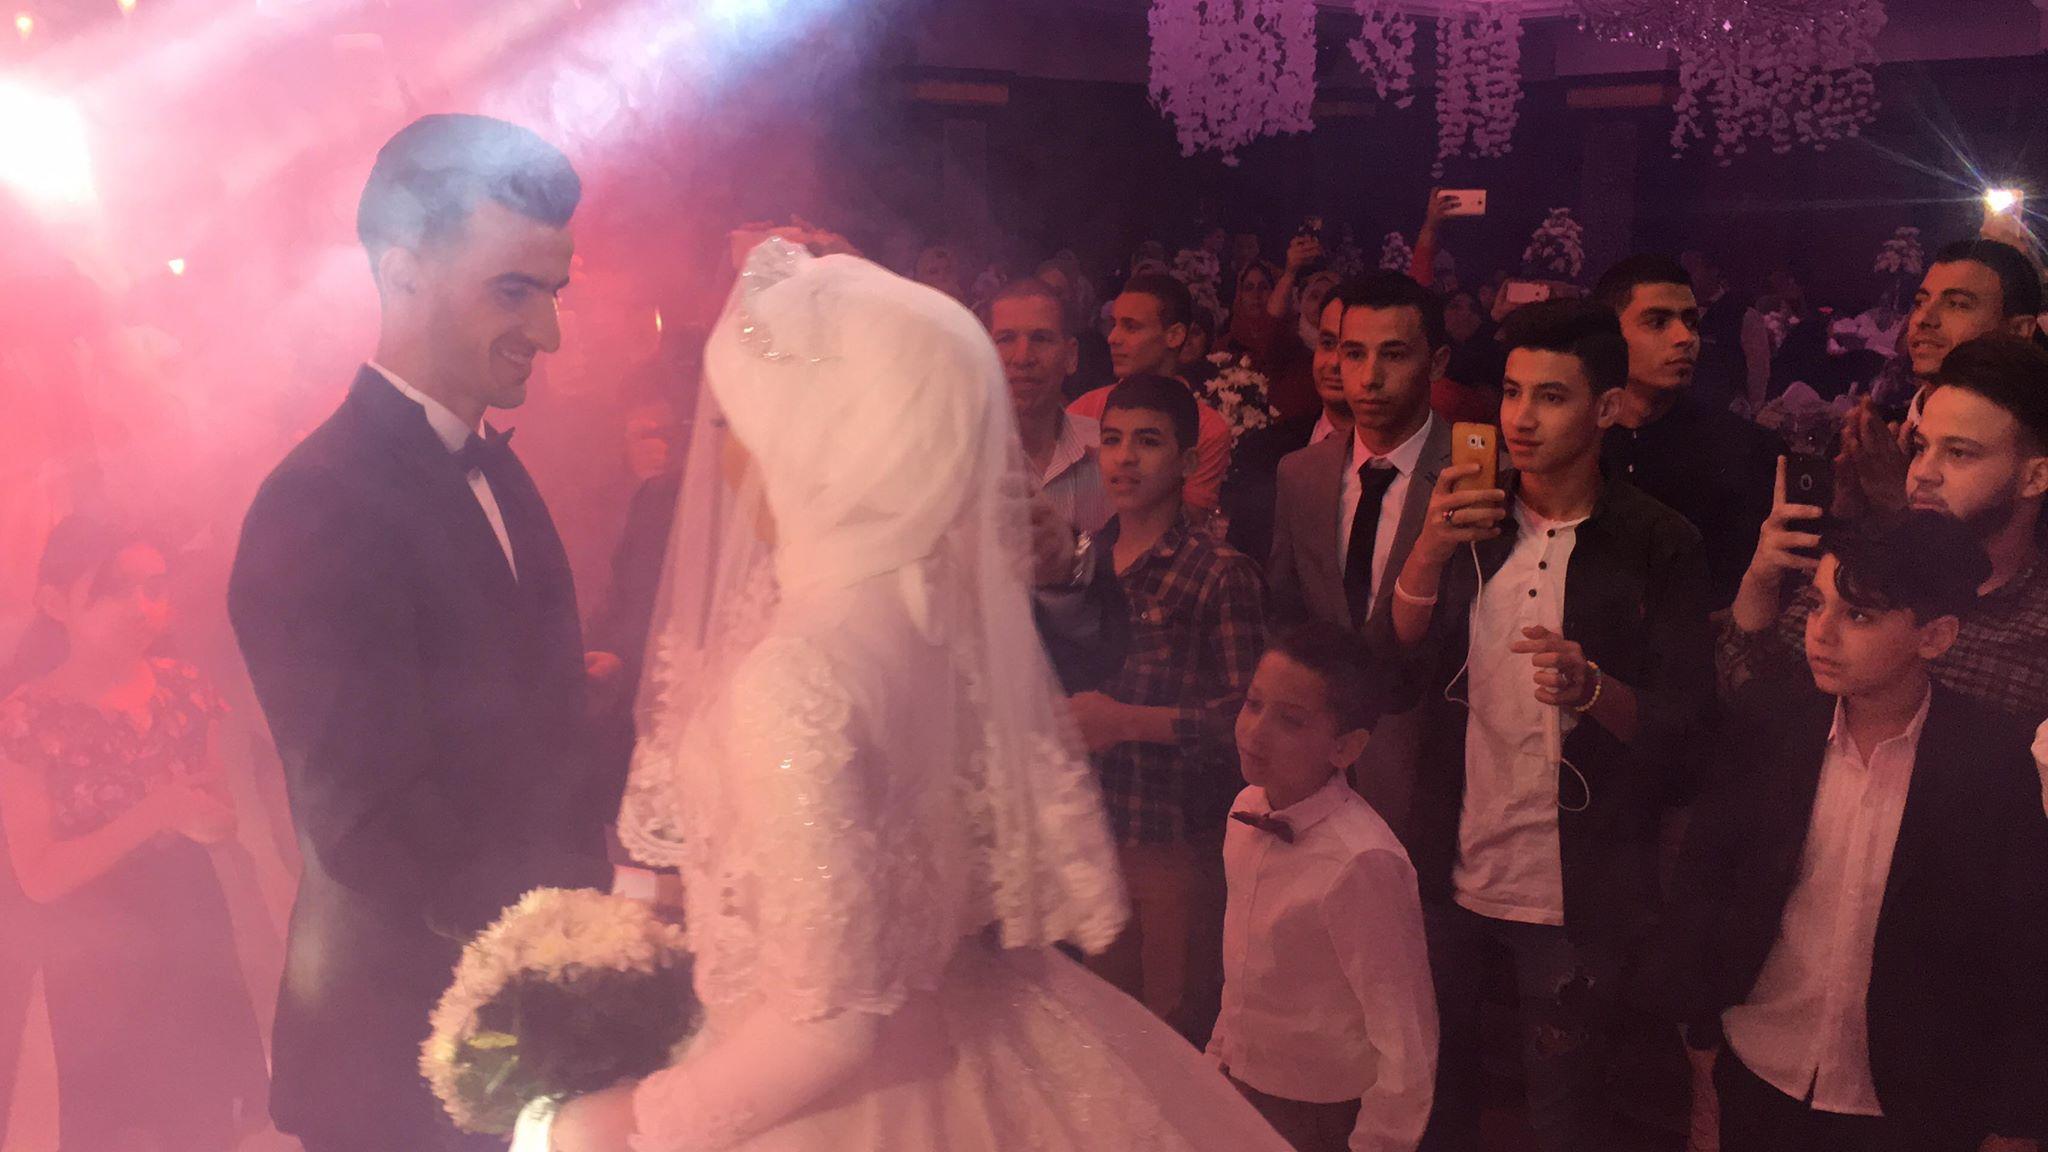 دونجا يحتفل بحفل زفافه (10)